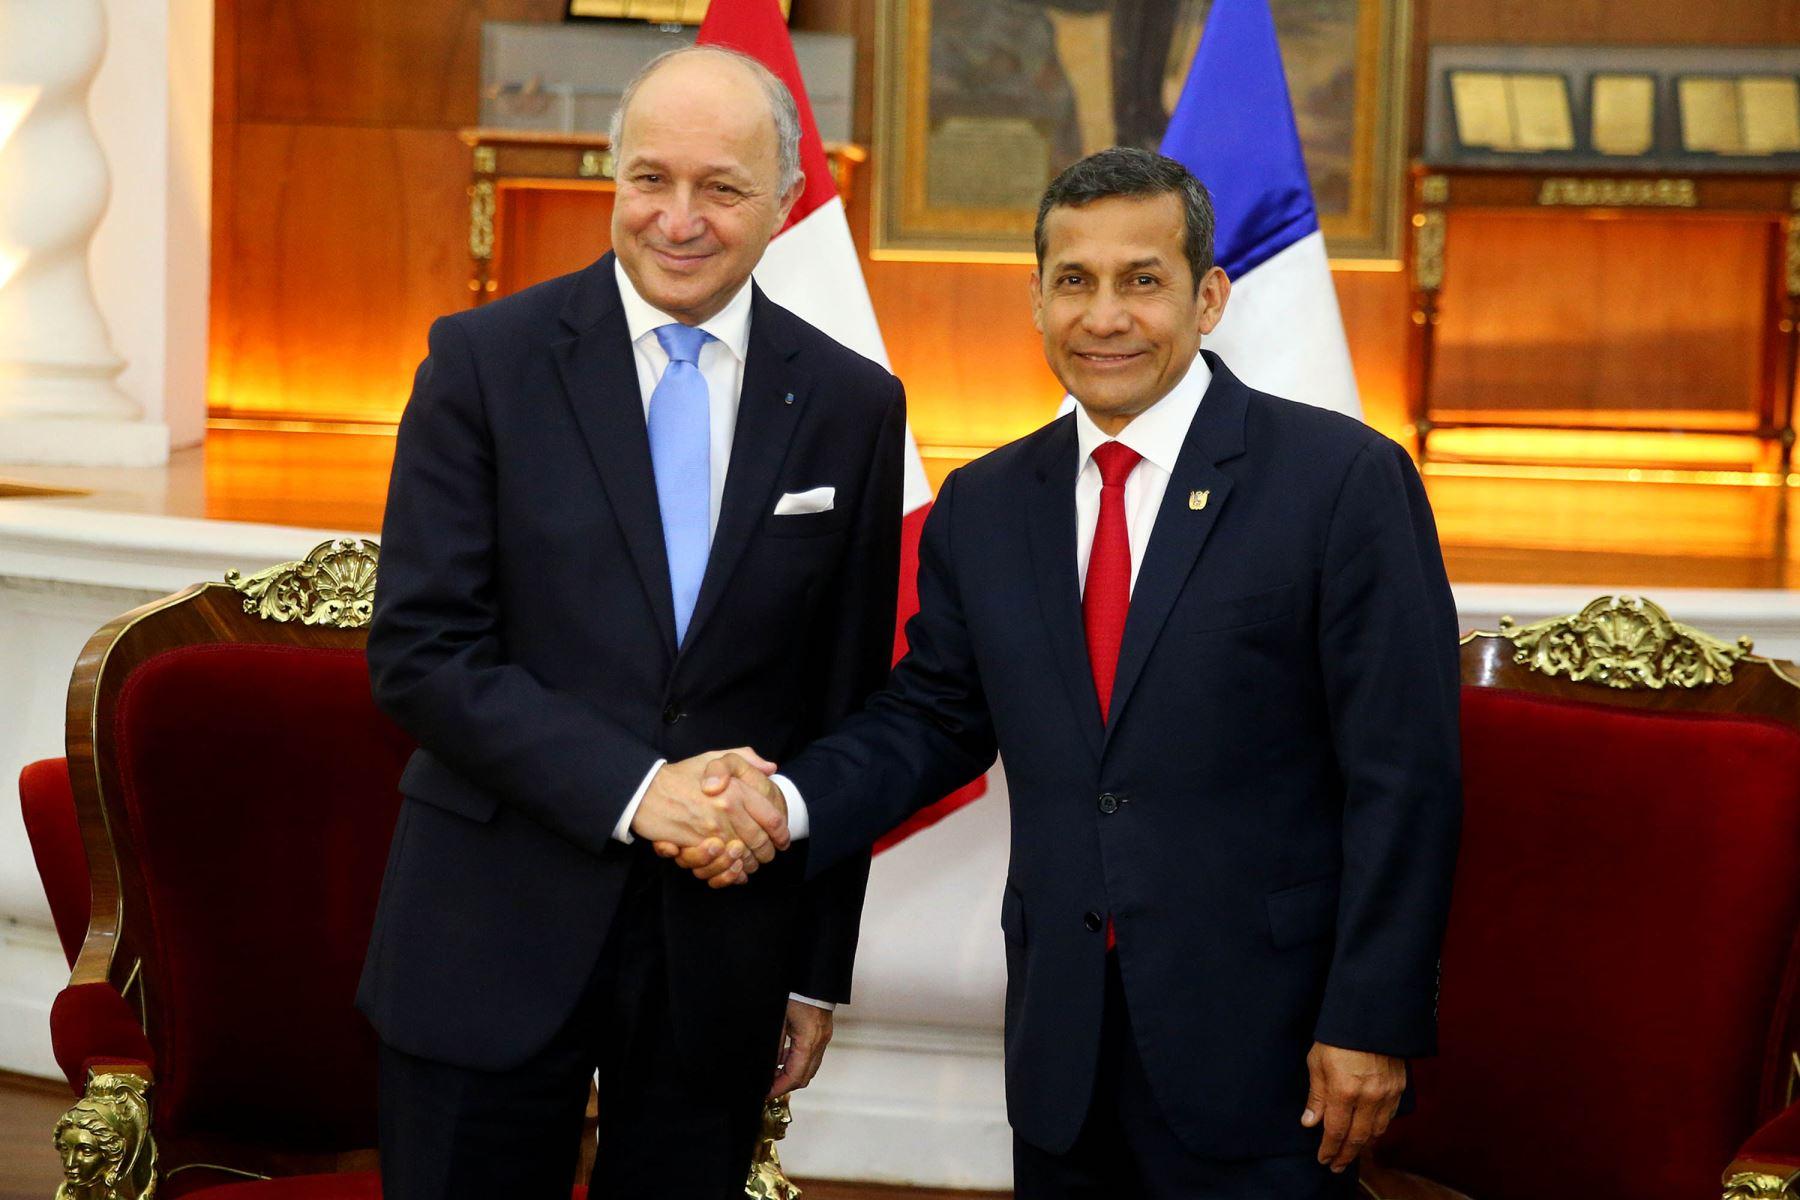 Presidente Ollanta Humala sostuvo reunión con el canciller de Francia, Laurent Fabius.